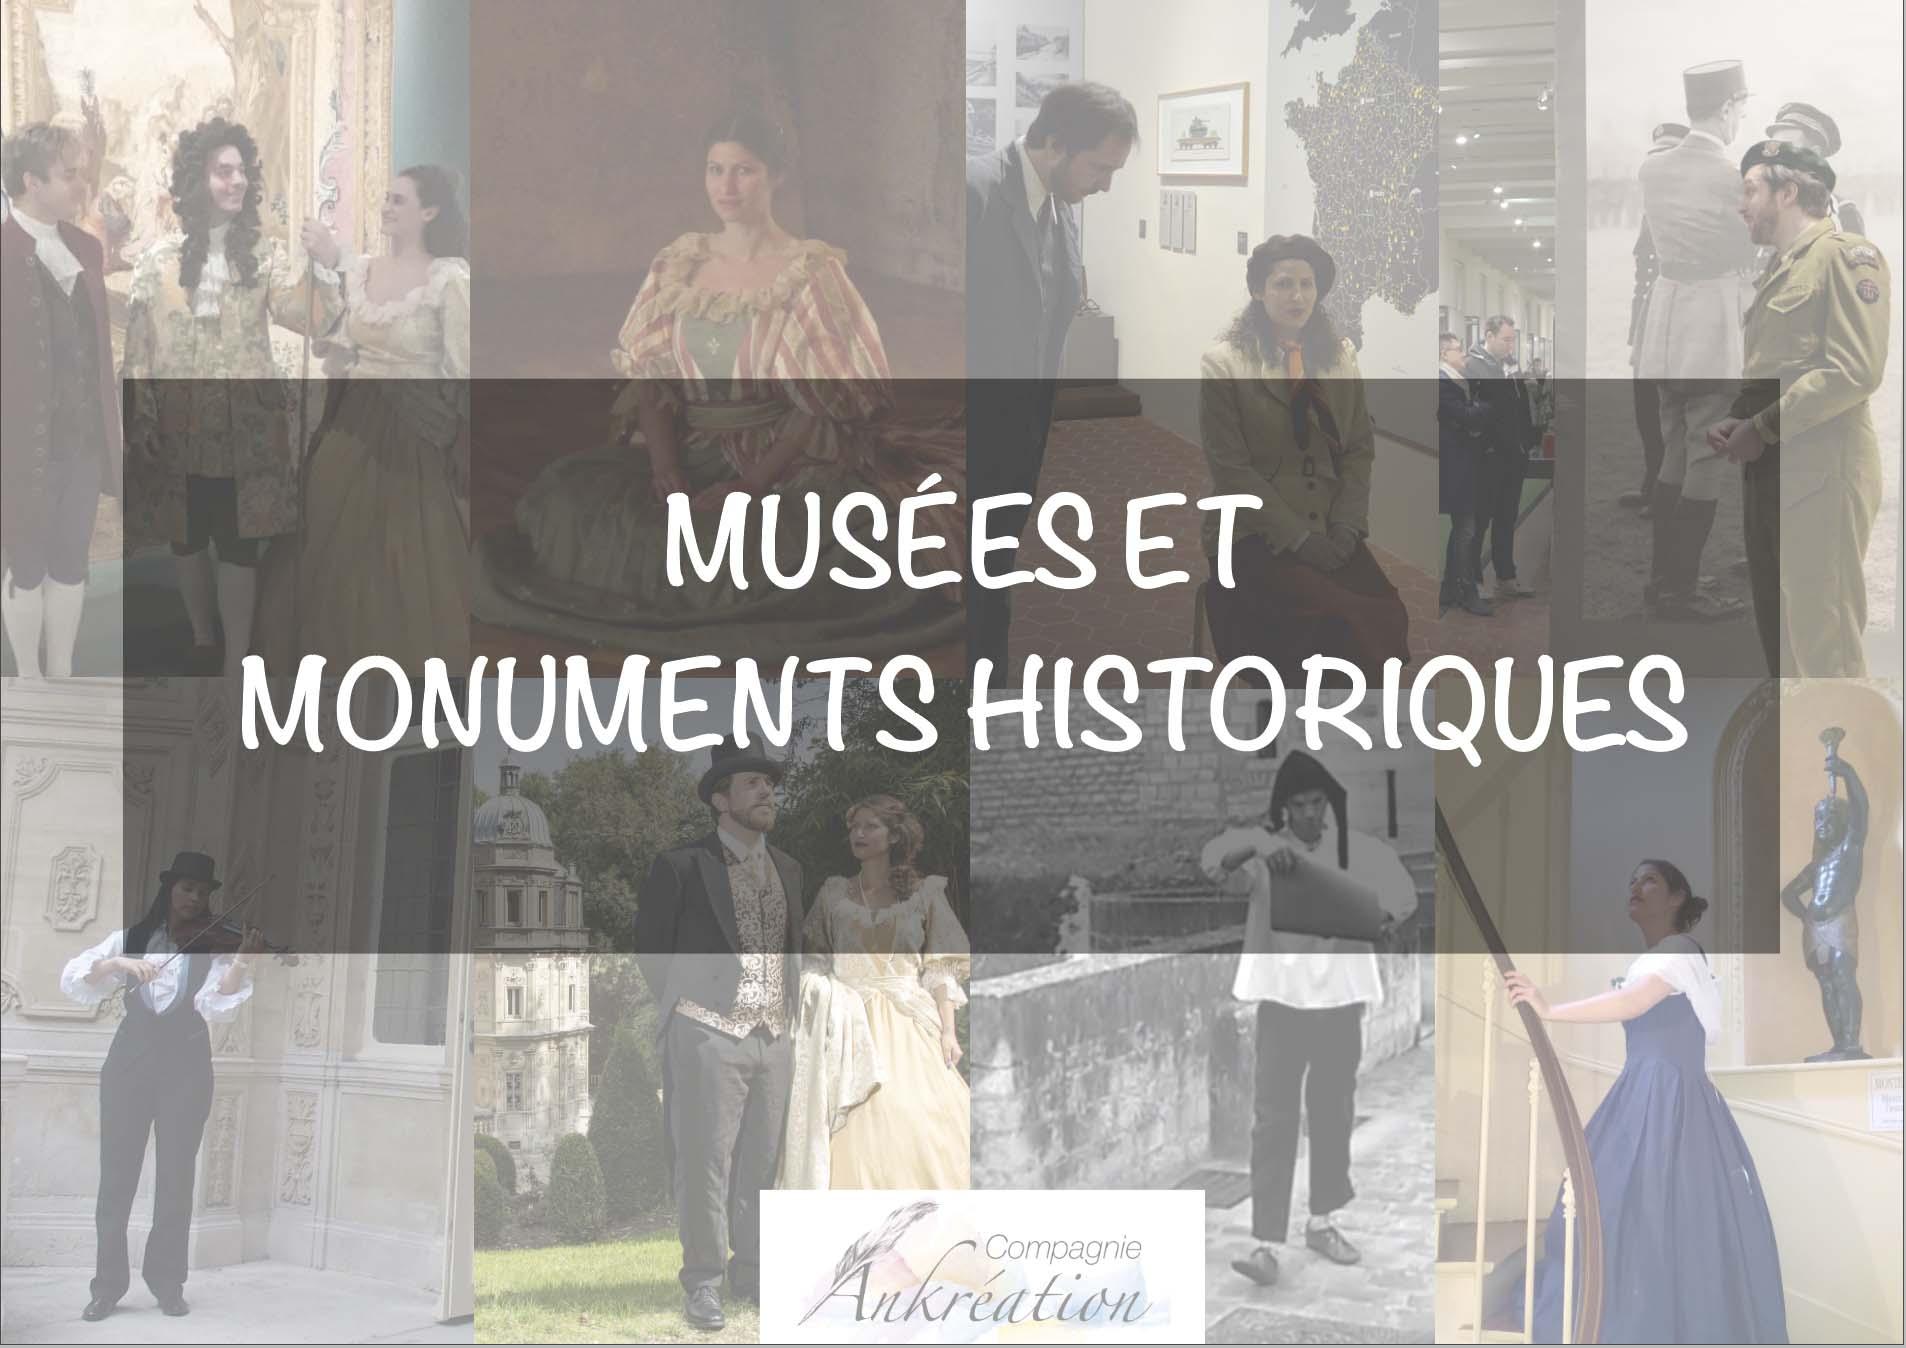 Visites théâtralisées dossier de presse musées et monuments